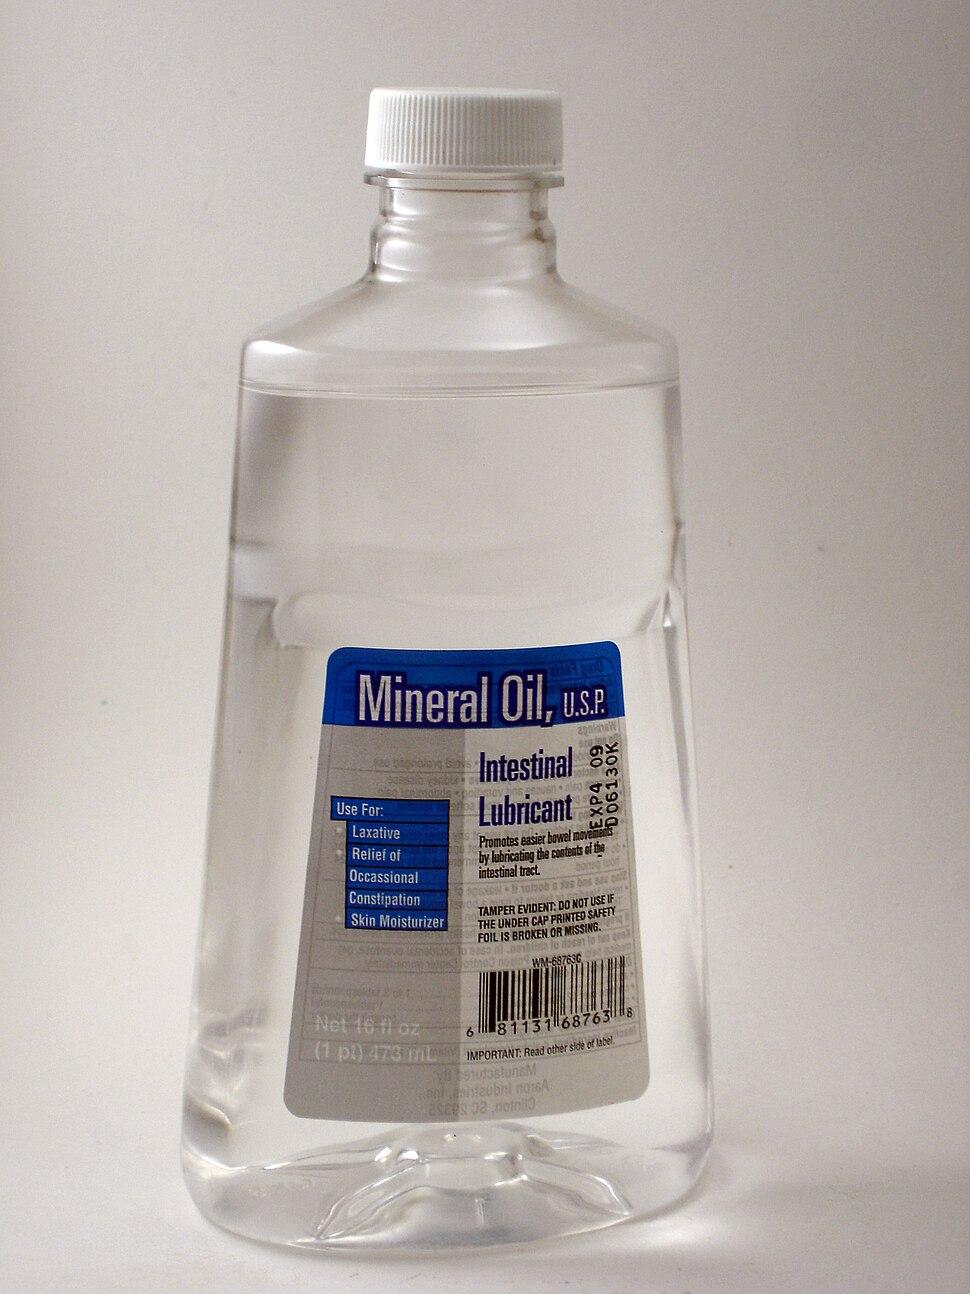 Mineral oil bottle, front